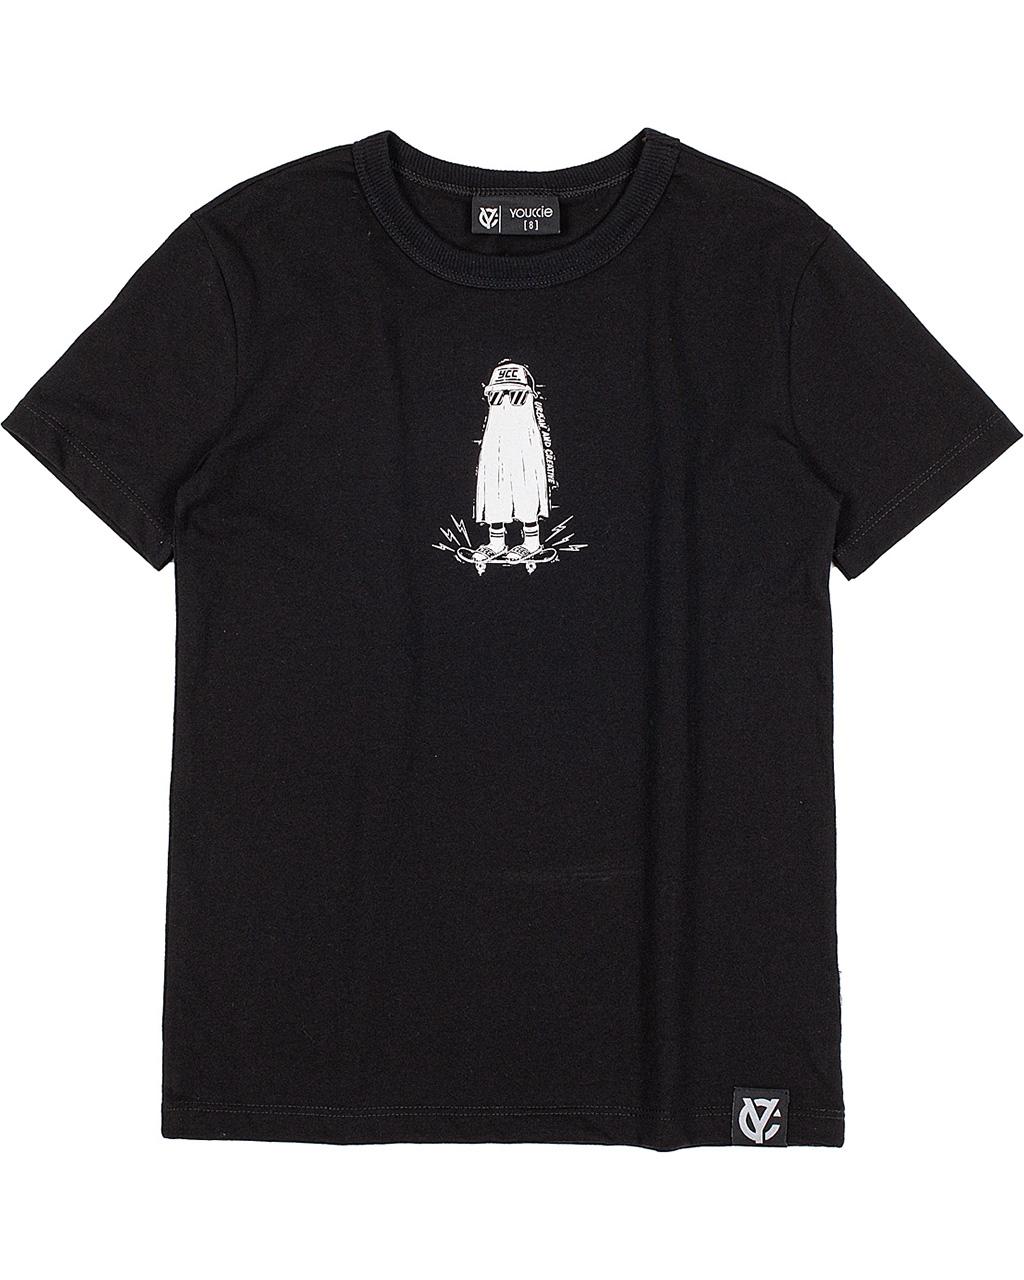 T-Shirt Infantil Preto Youccie